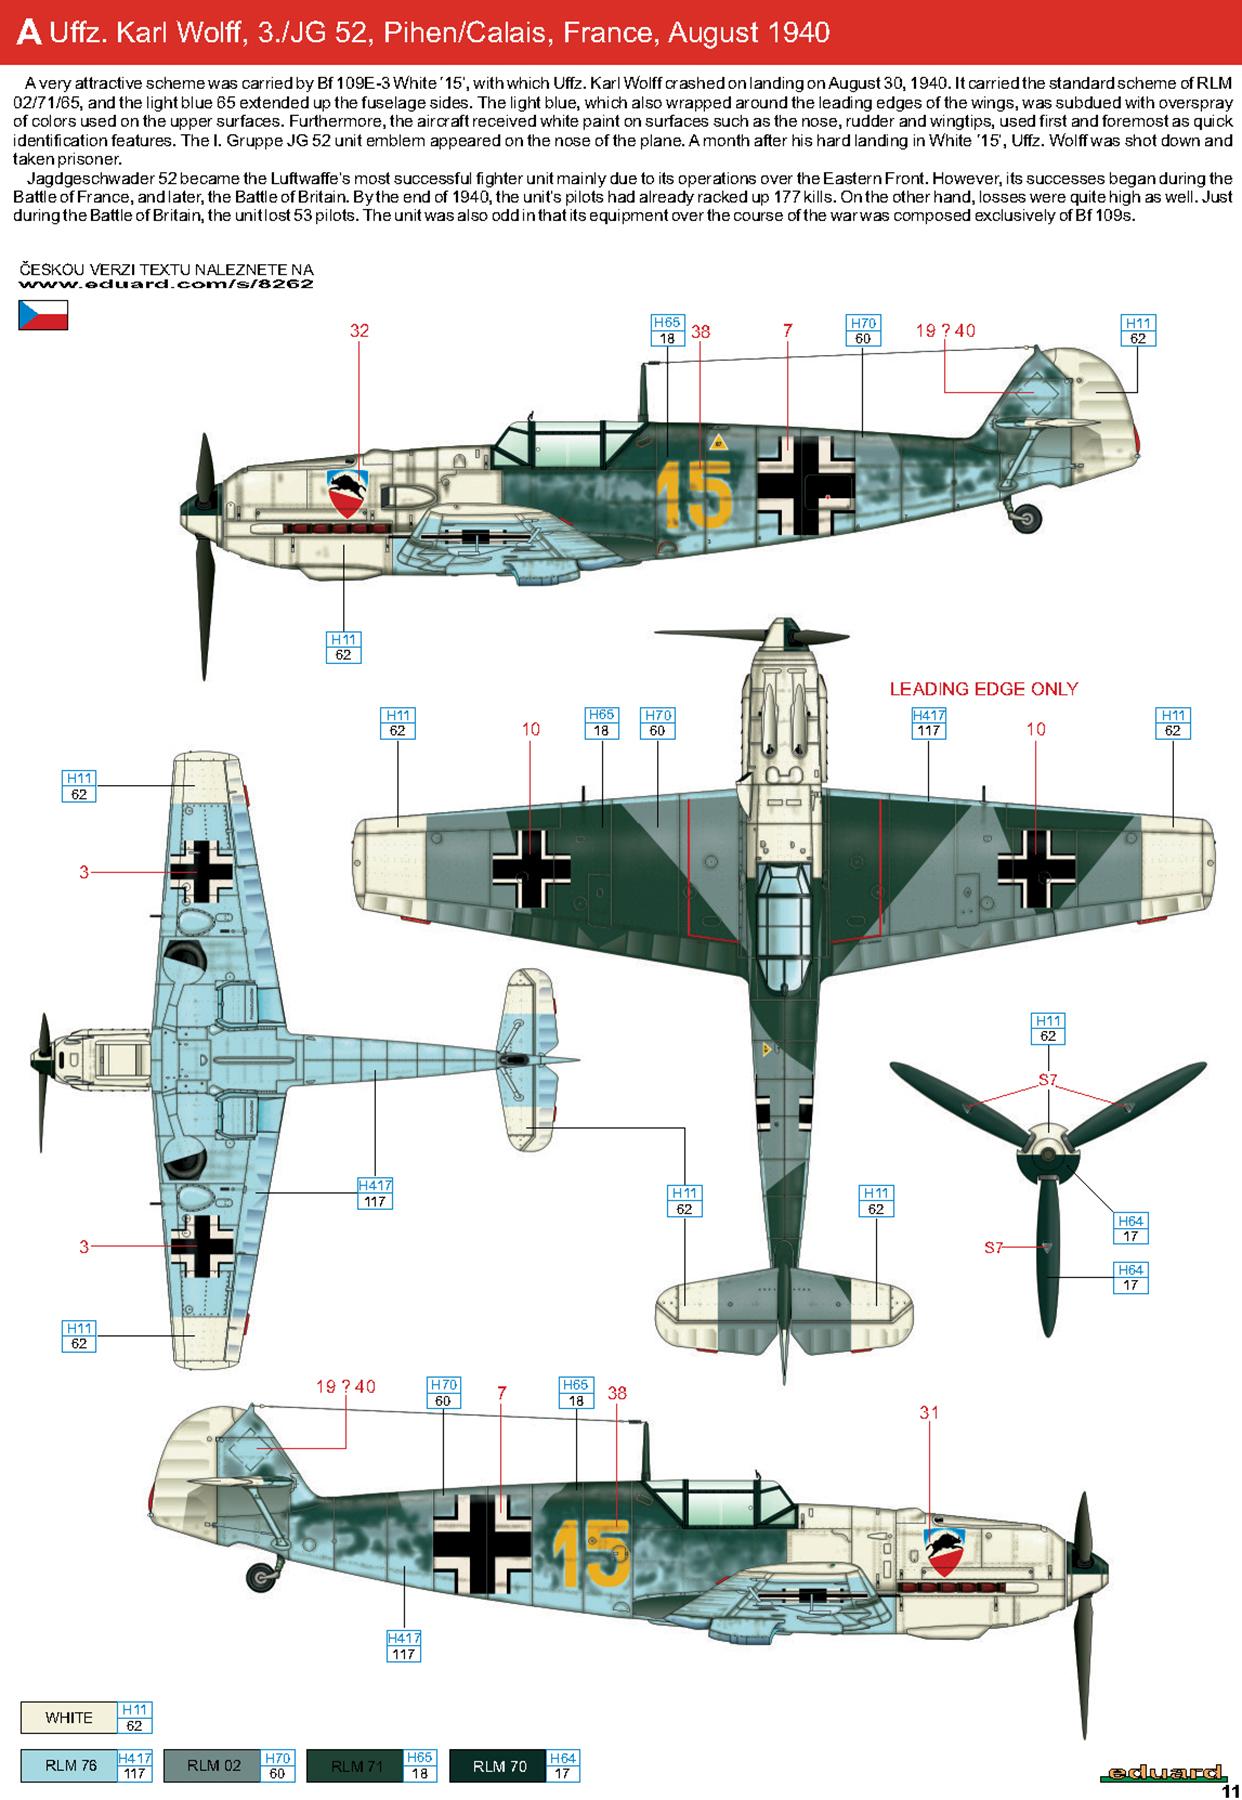 Messerschmitt Bf 109E3 3.JG52 Yellow 15 Kurt Wolff crash landed France 30th Aug 1940 0E